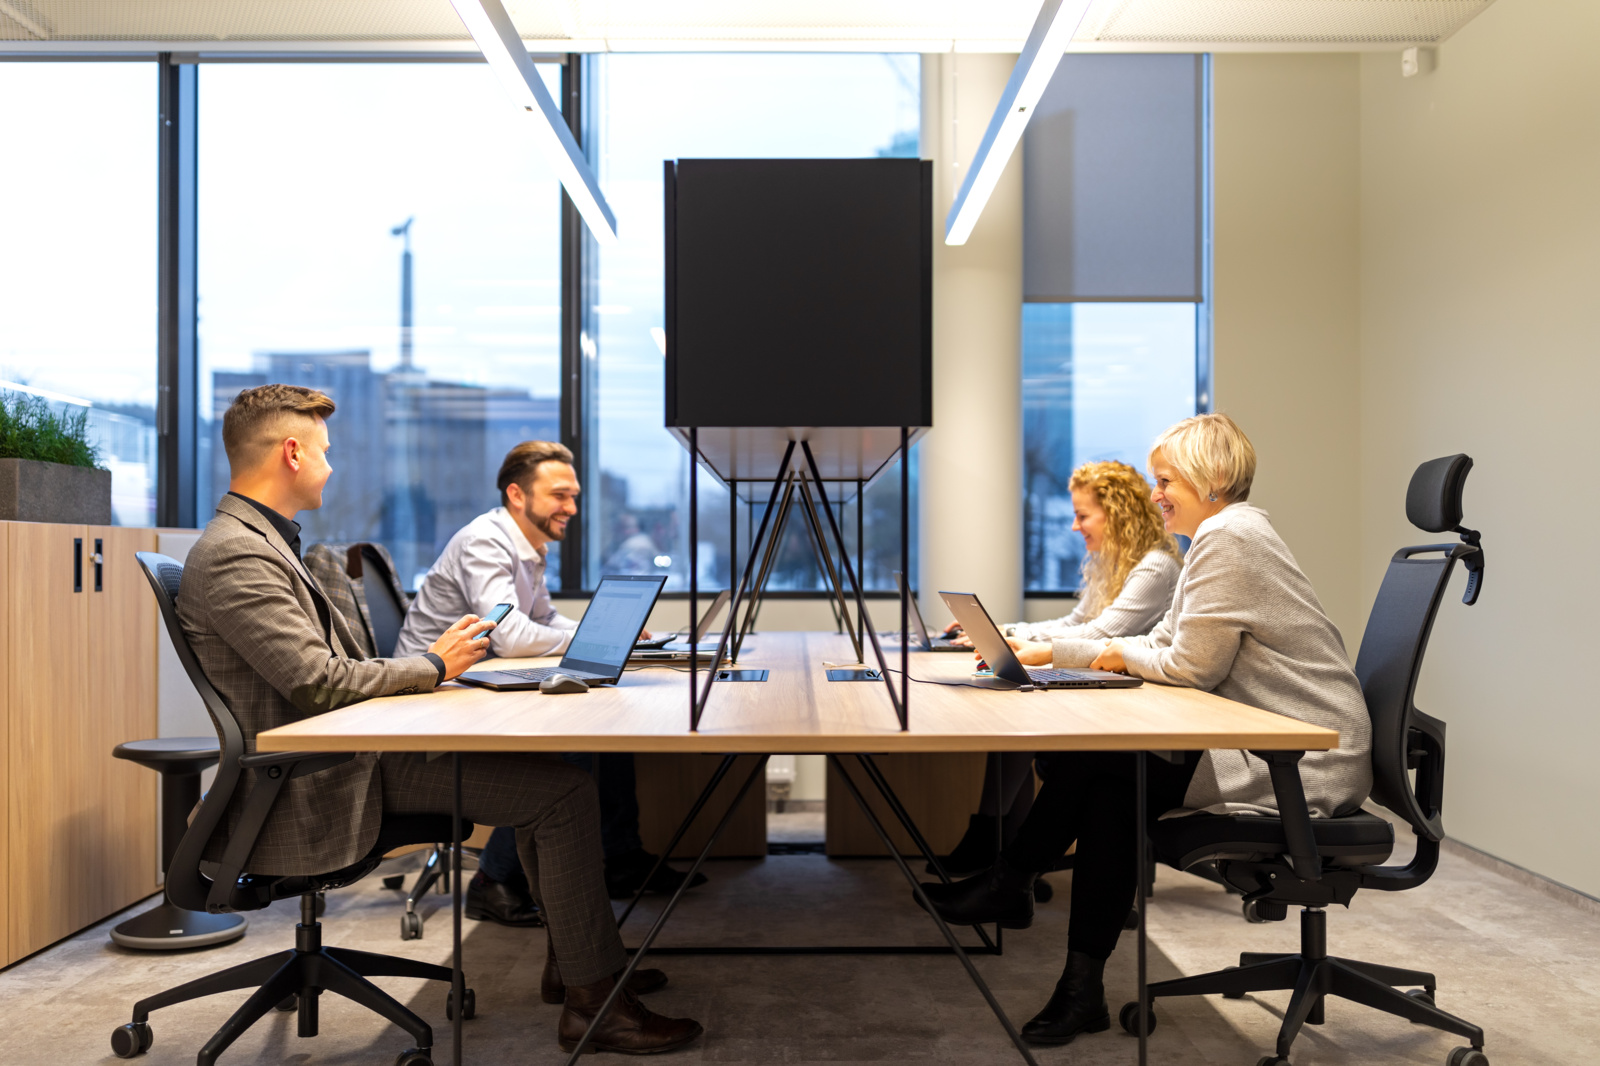 Kaip tvarkingas darbo stalas padeda pagerinti rezultatus?